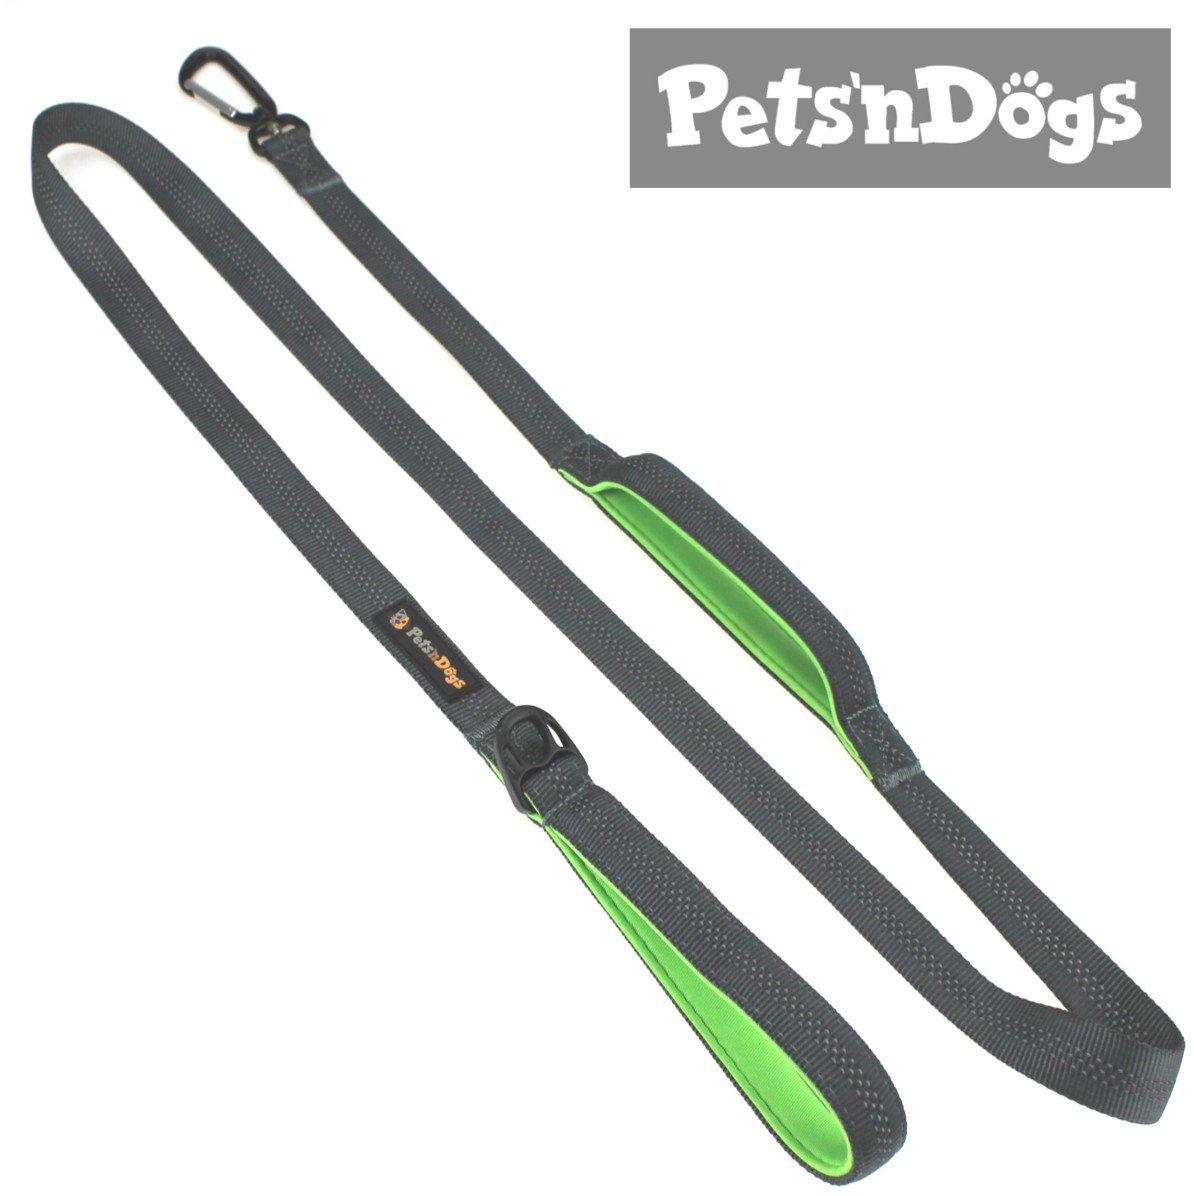 Pets'nDogs Führleine   Gepolsterte Hundeleine für große und mittlere Hunde   Verschiedene Längen   Reflektierend   Extrem leicht product image